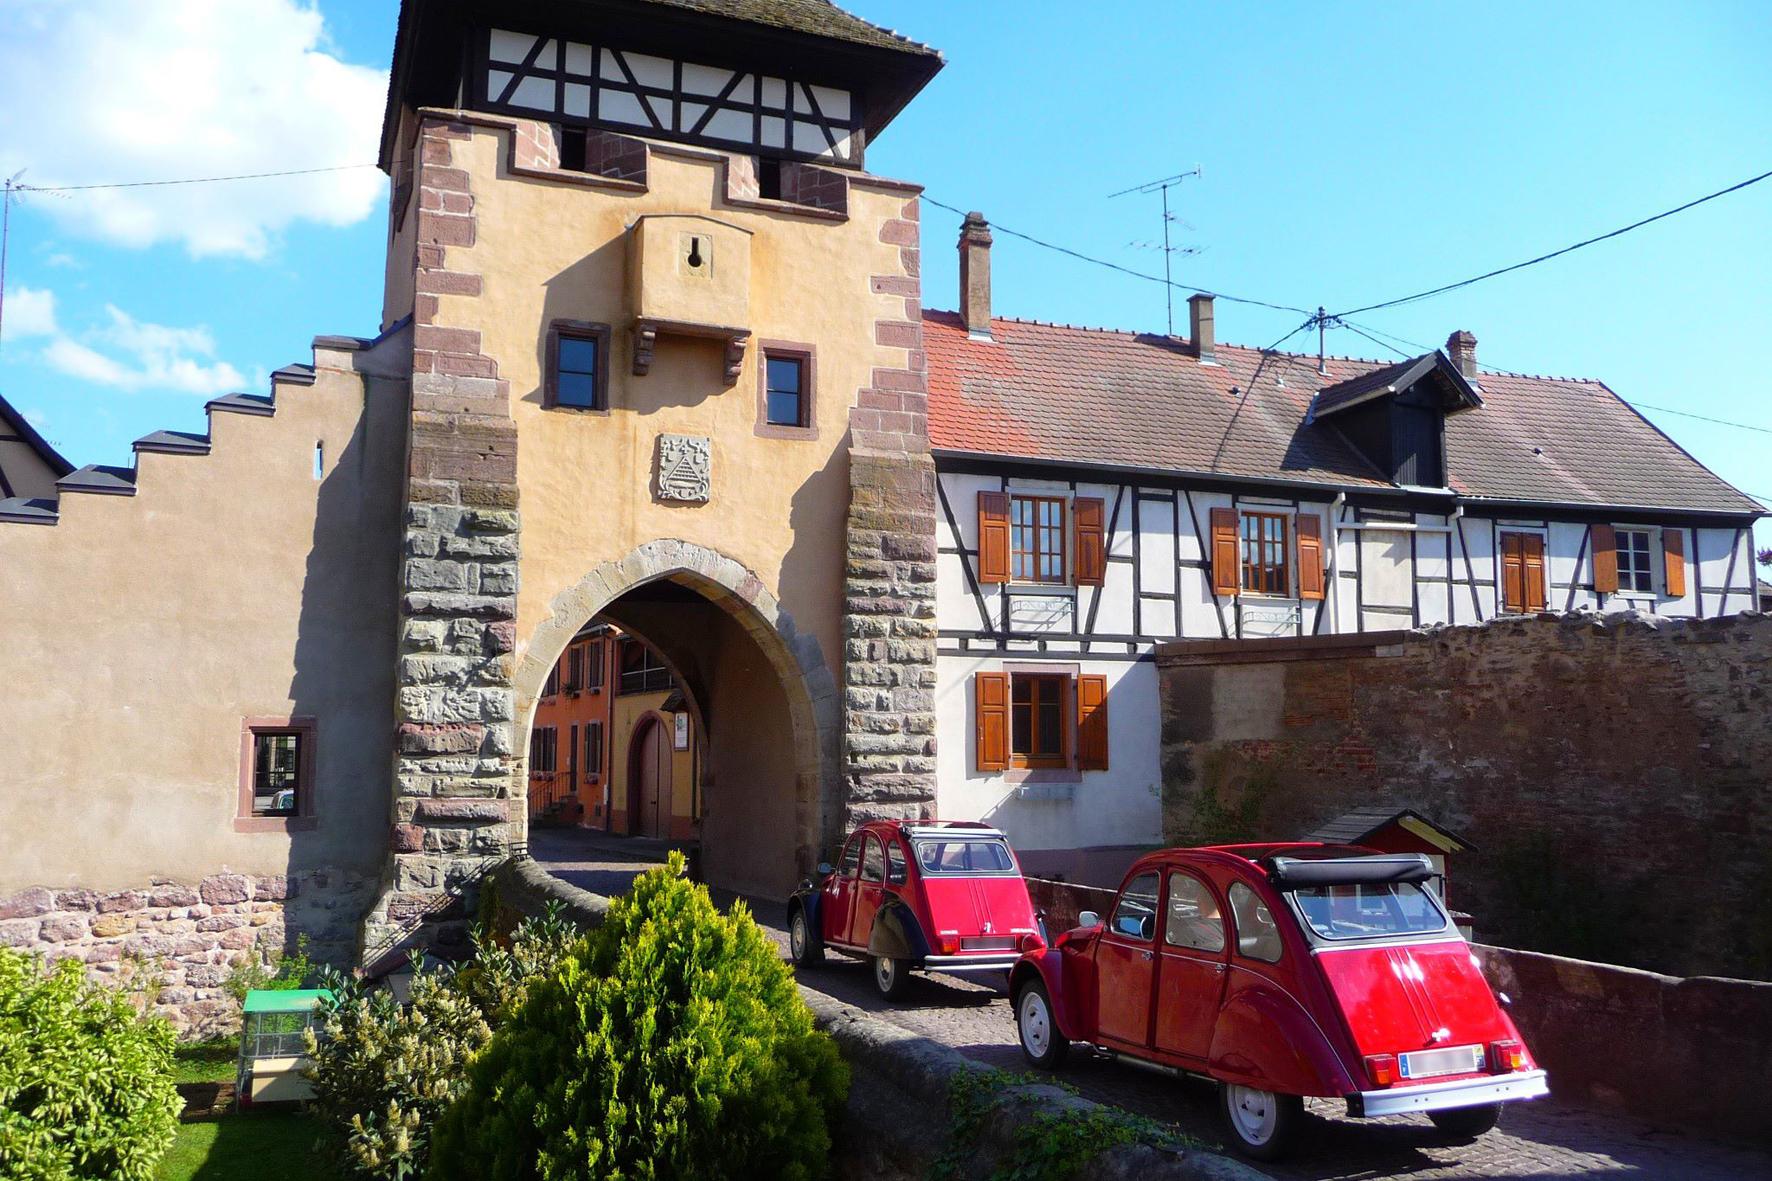 mid Colmar - Buchbare Nostalgie-Tour mit dem kultigen Citroen 2 CV in und um Colmar.